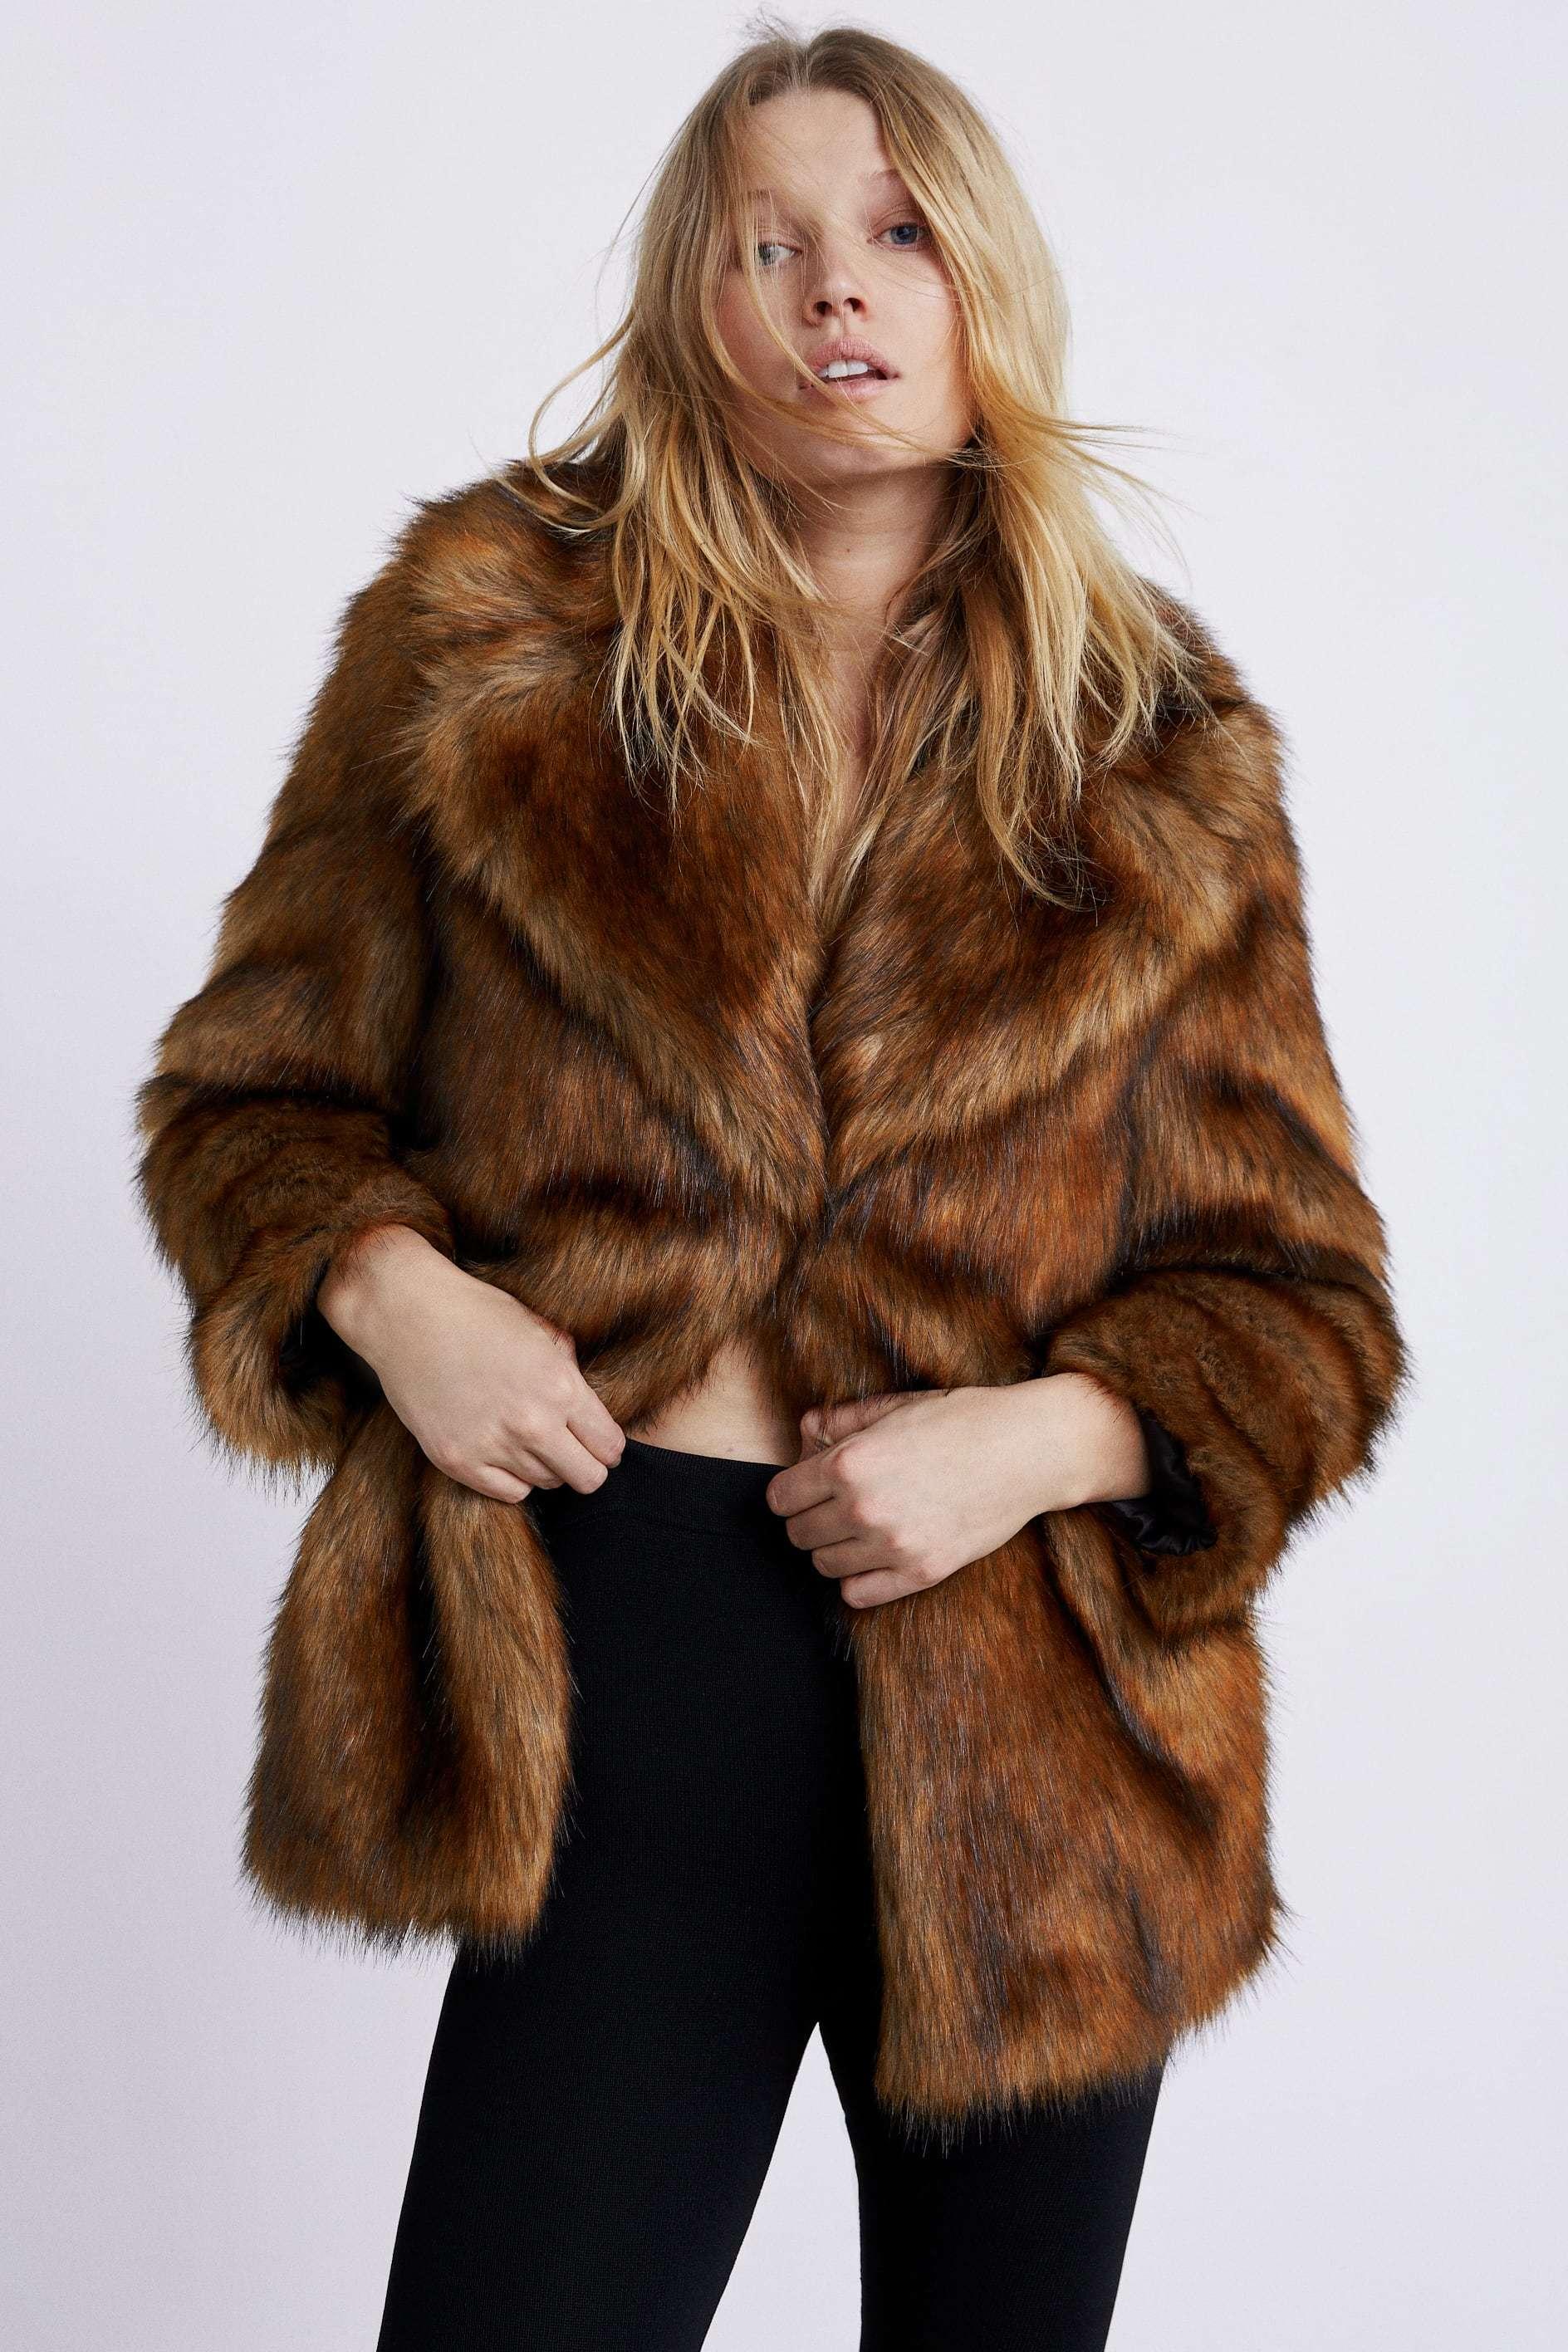 nuevo concepto 6ef55 e2be2 Cinco abrigos de Zara en los que invertir este invierno ...